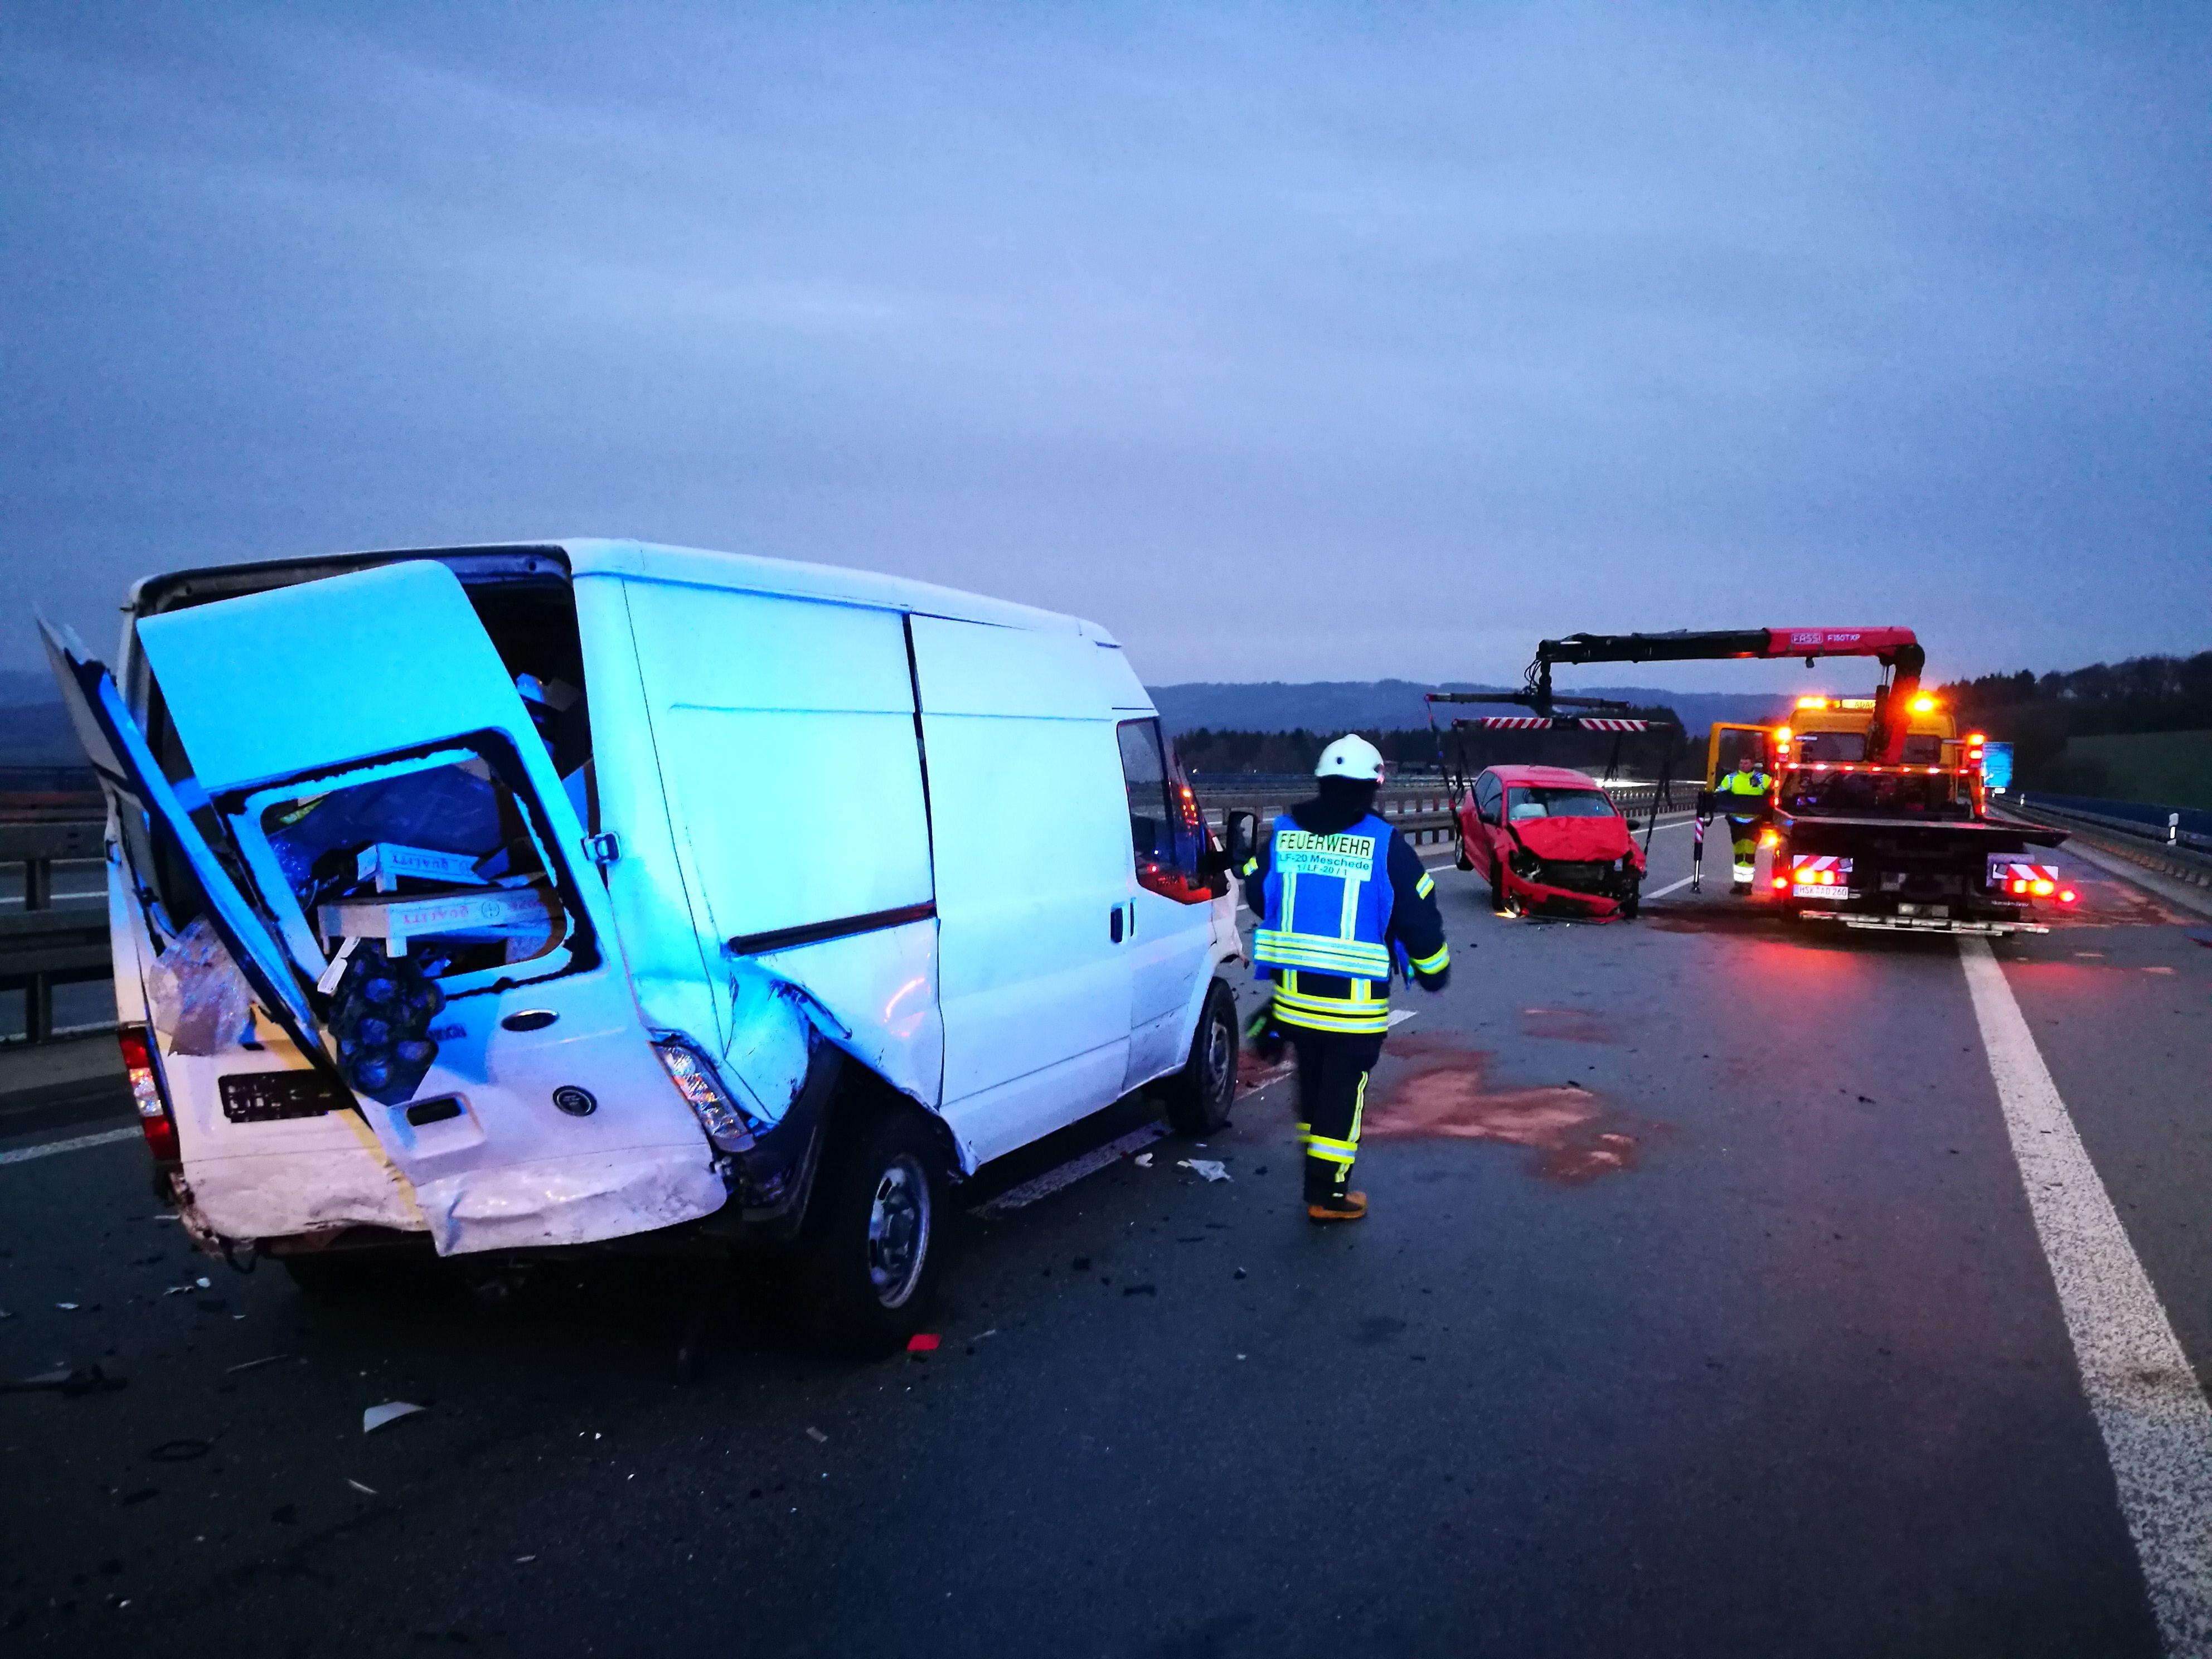 Stadt_Einsatzberichte_2019/Verkehrsunfall_BAB46.jpg